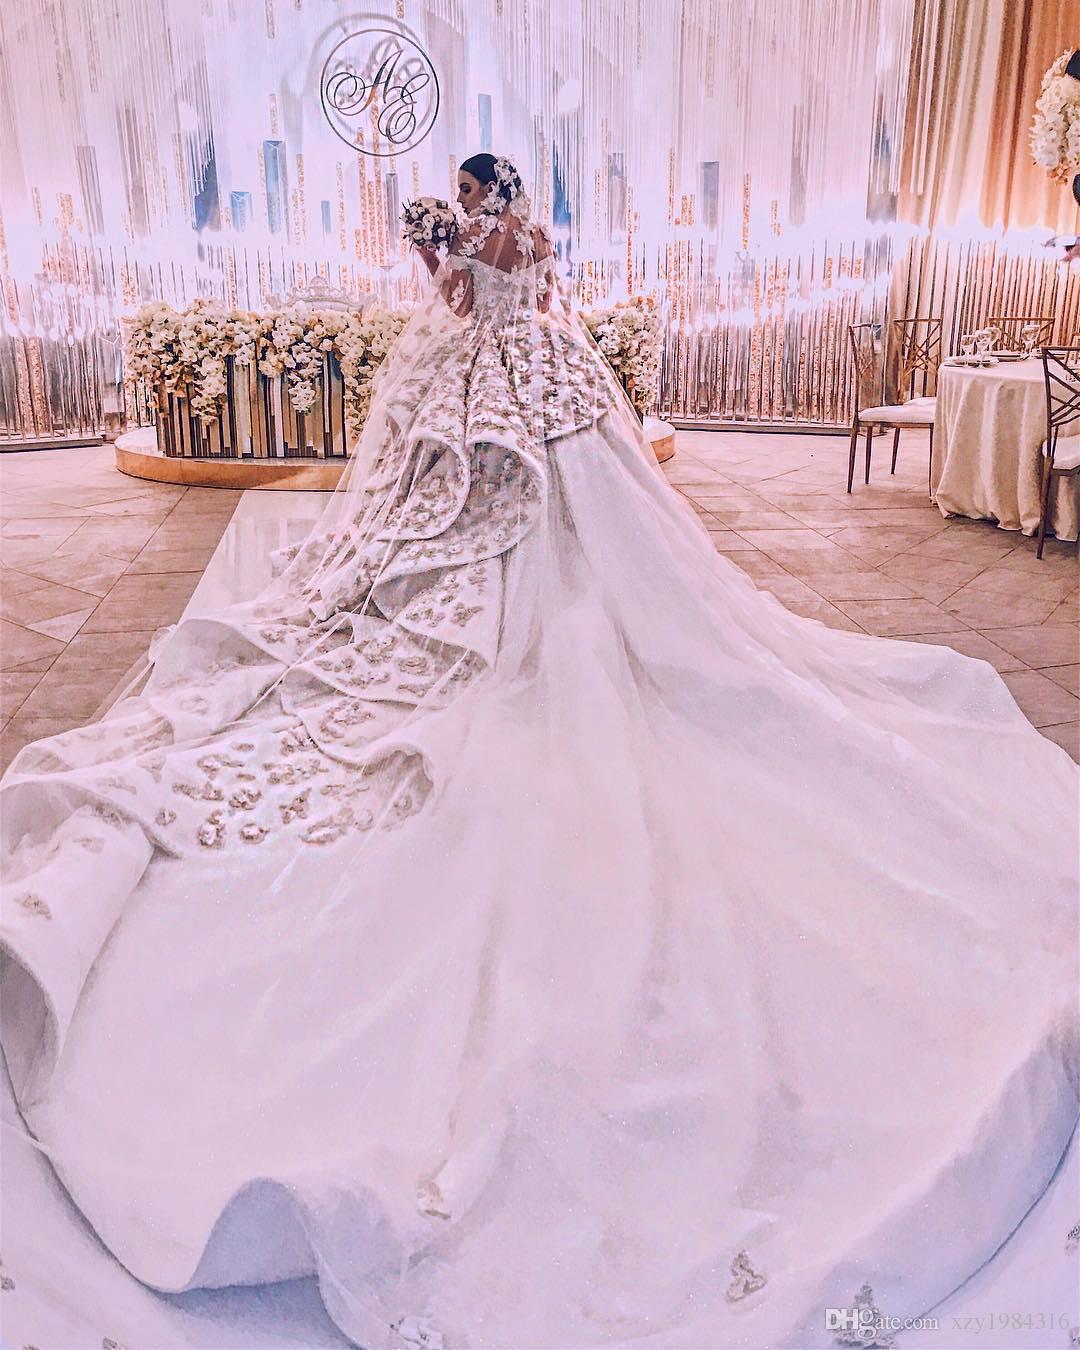 Hermosa Fluffy Wedding Dresses Imágenes - Colección de Vestidos de ...